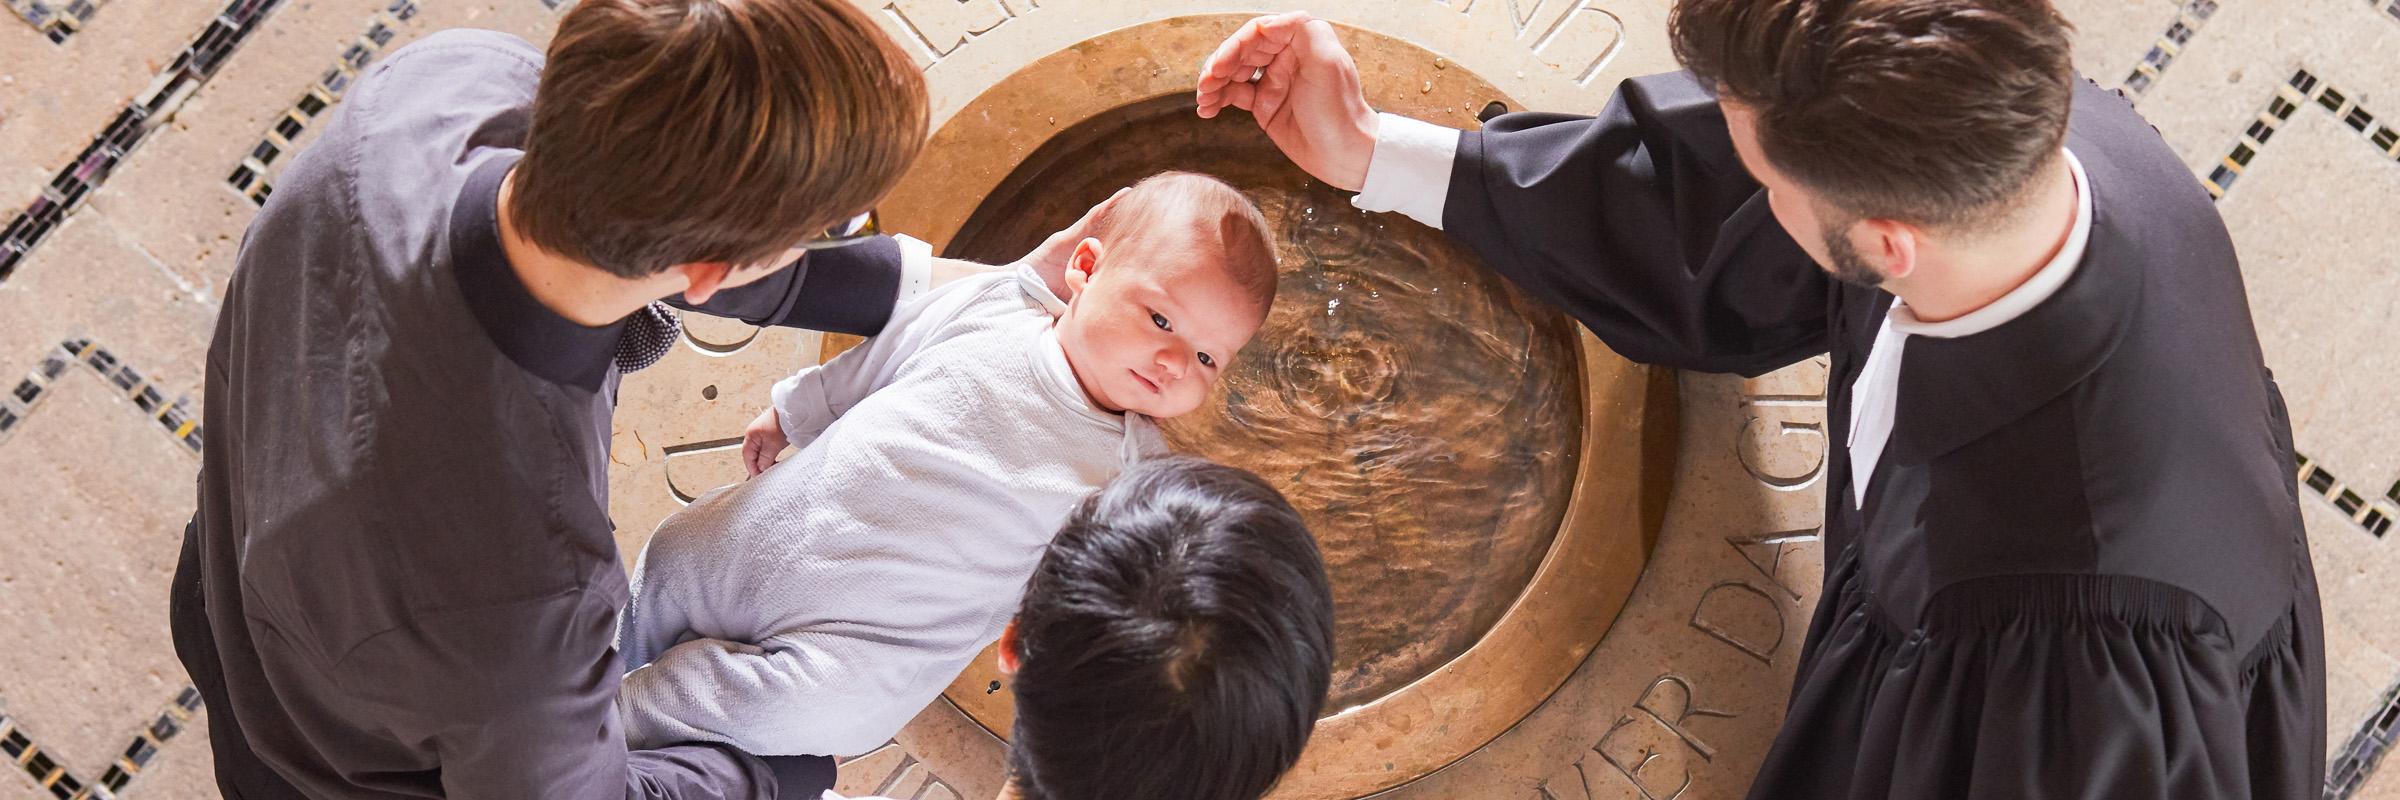 Taufe in der Reformierten Kirche Mittleres Fricktal